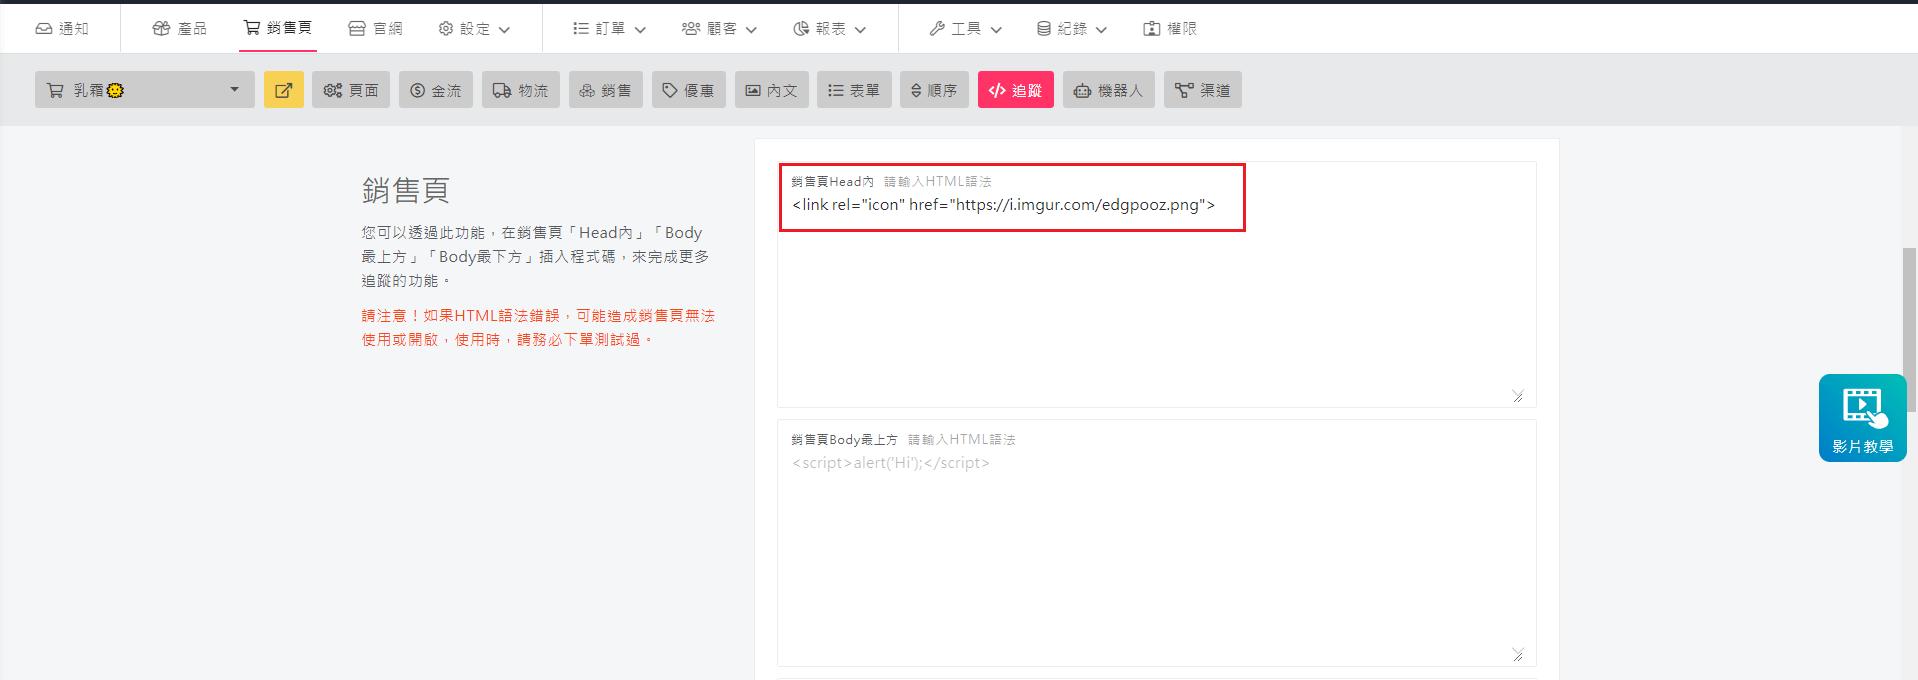 單獨銷售頁 網站圖標(favicon)